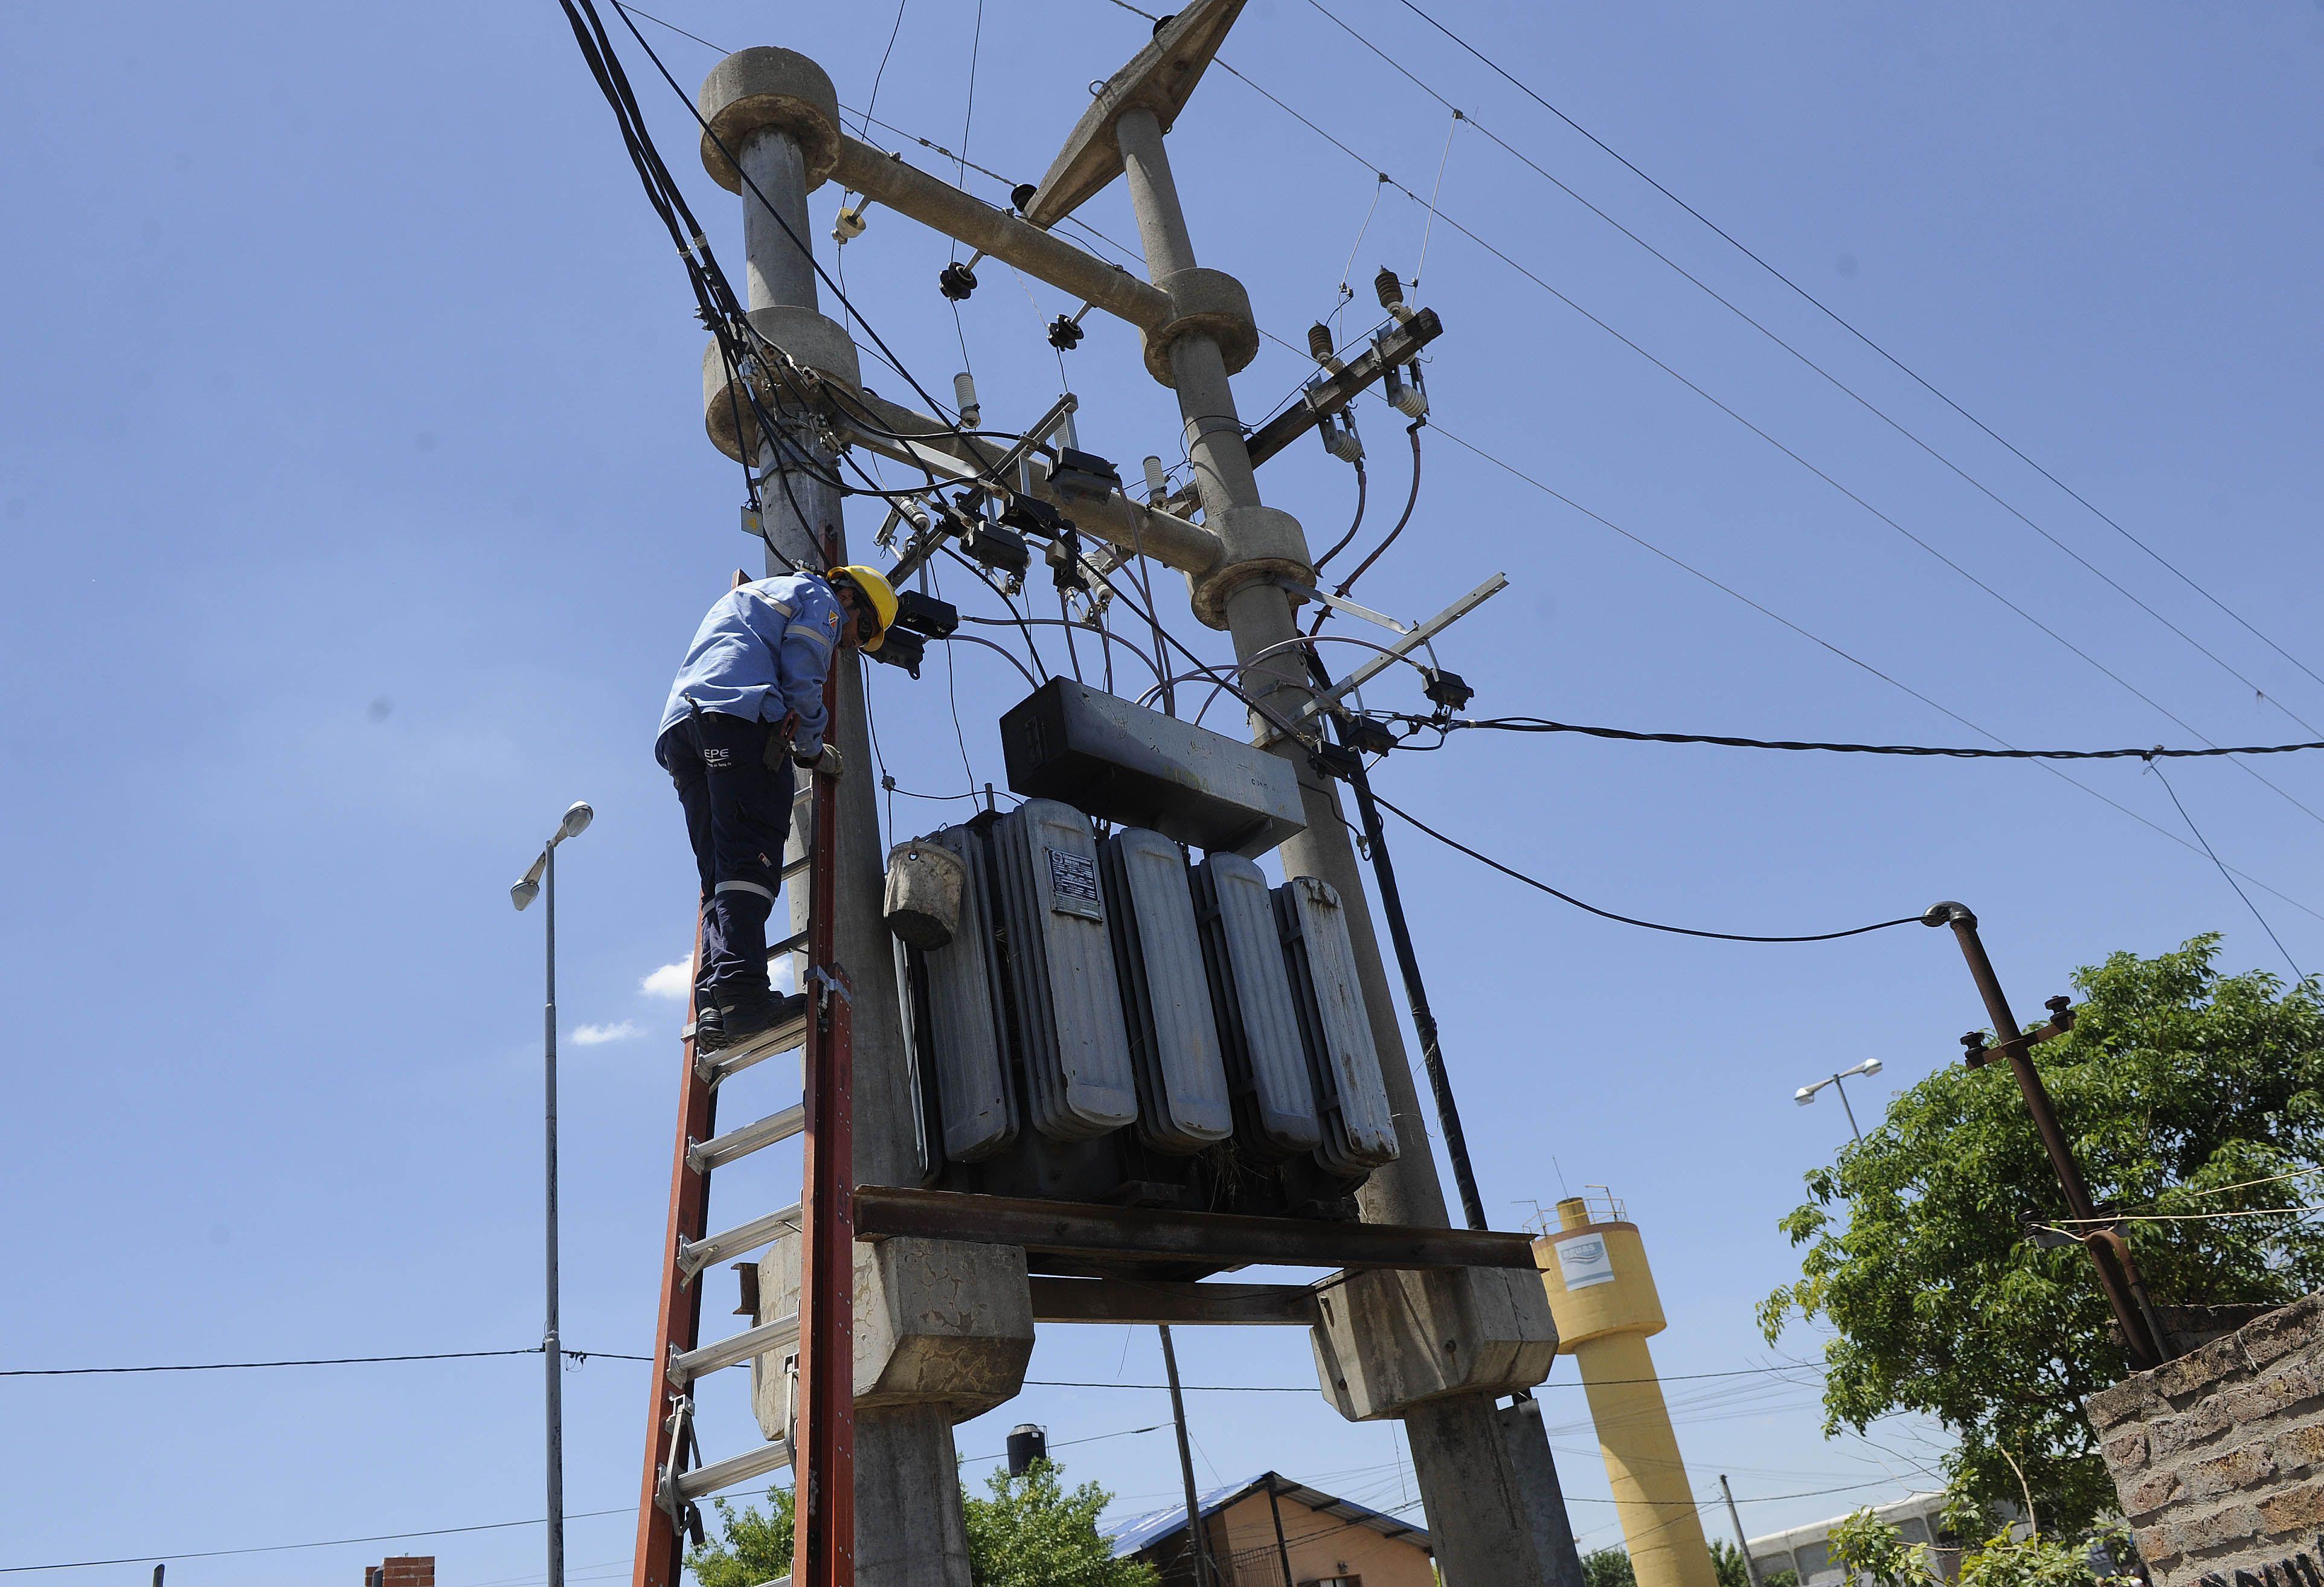 La EPE anunció cortes programados en el servicio. (Foto de archivo)